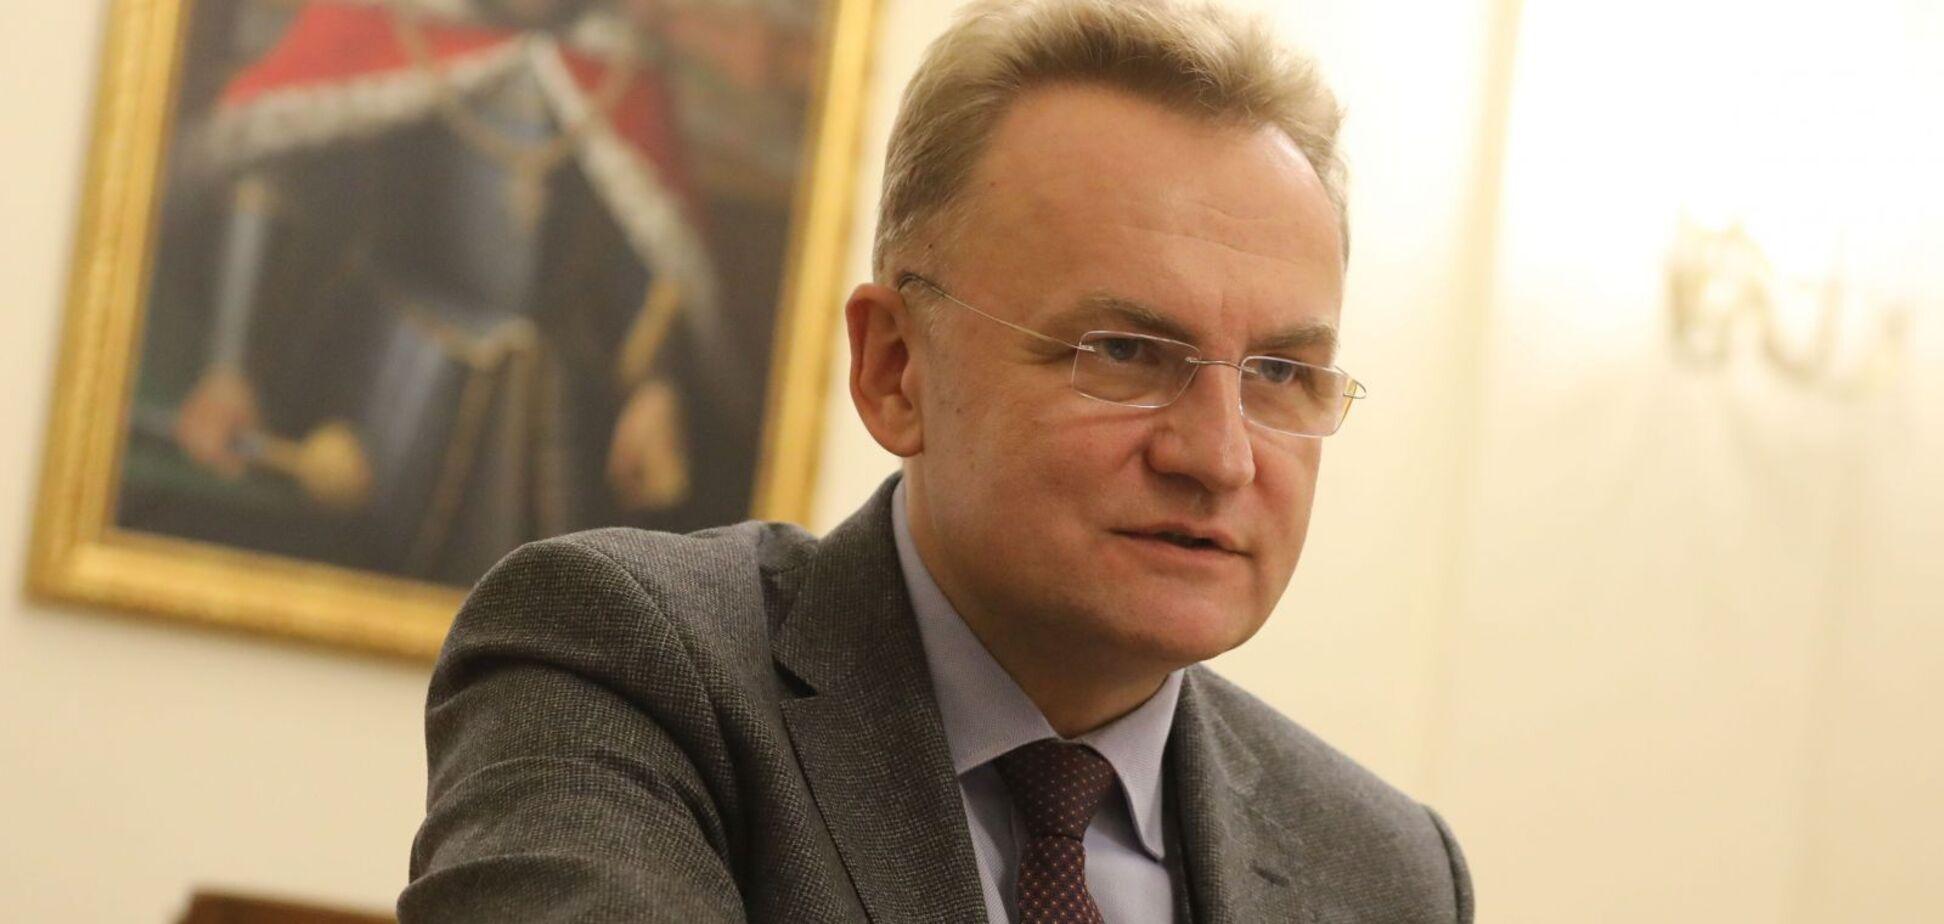 Телеканал 'Первый западный' обвинил Садового в клевете